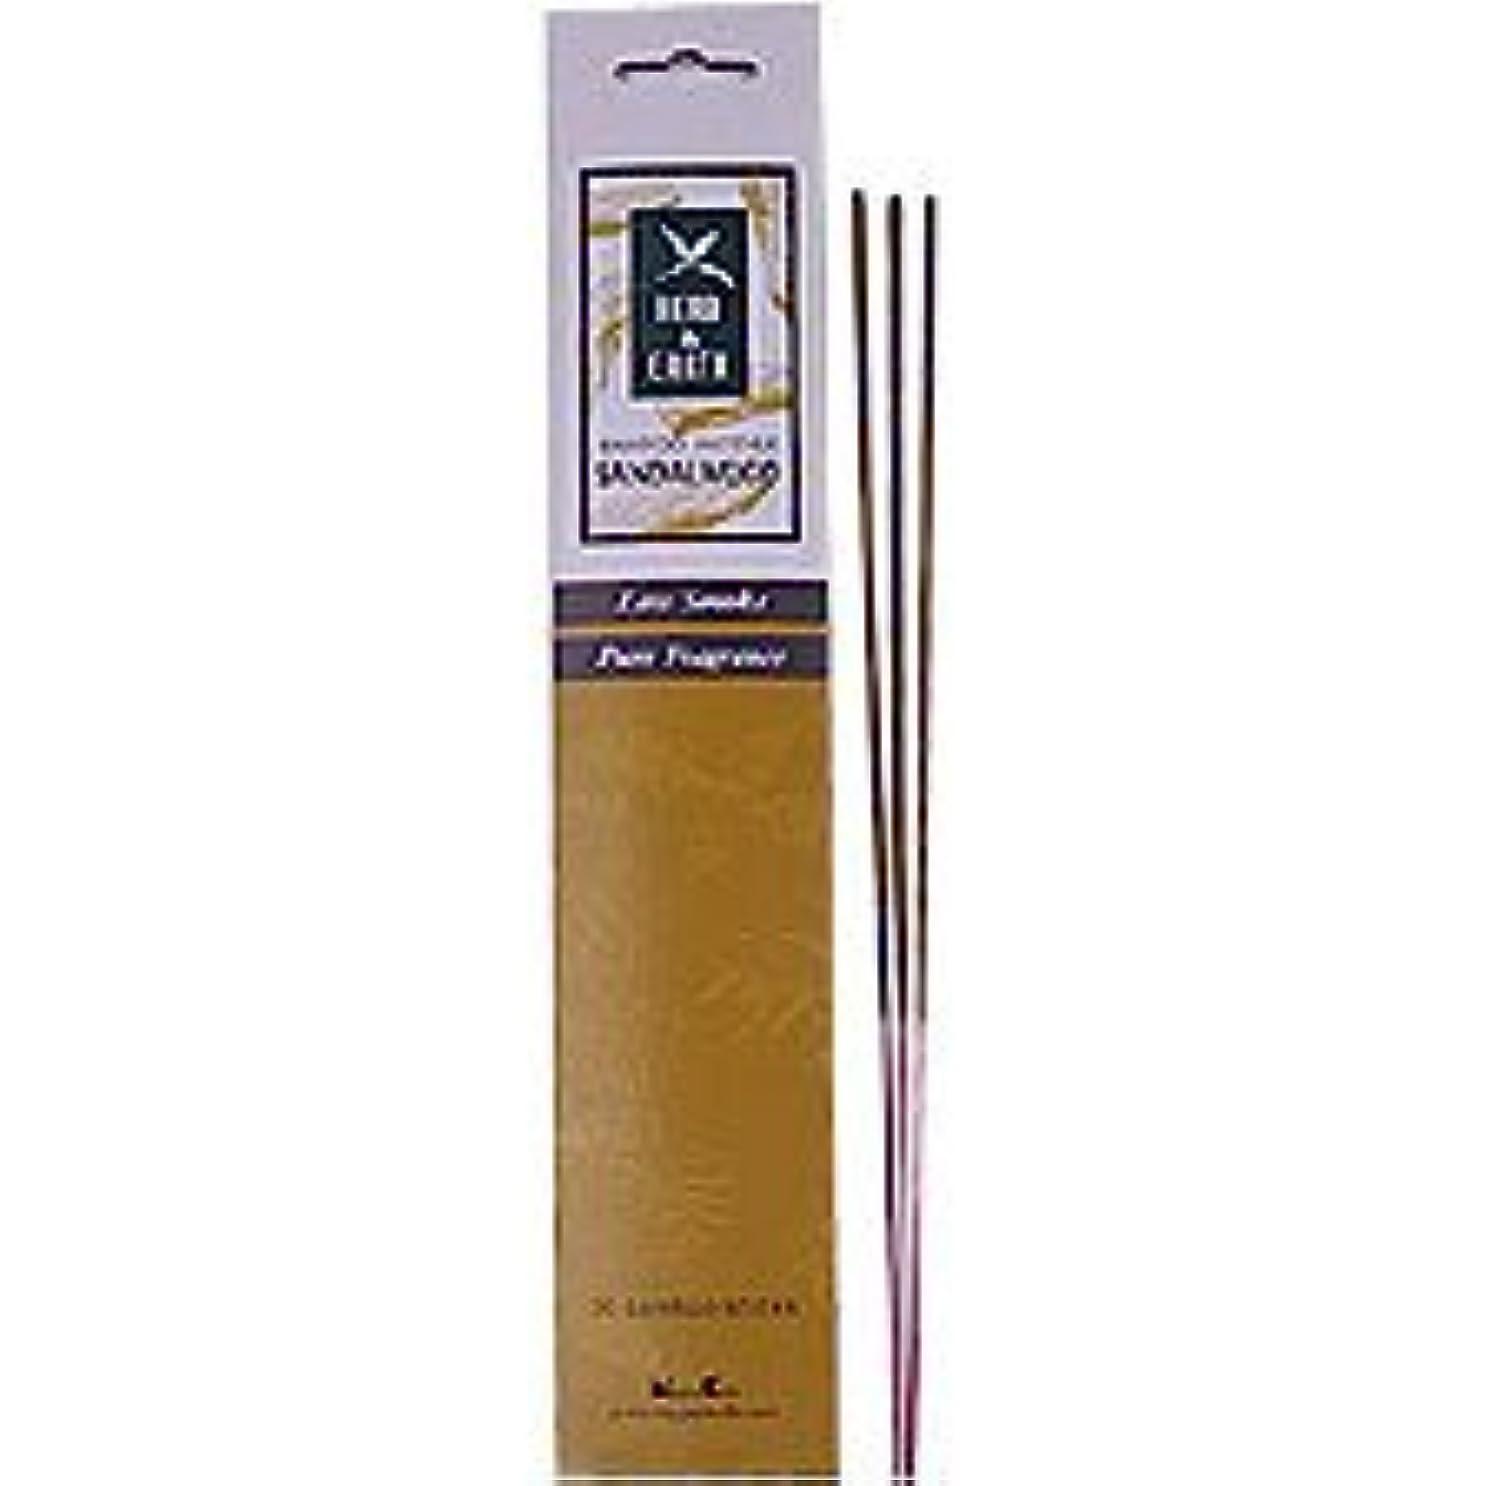 いつマキシムドックSandalwood - Herb and Earth Incense From Nippon Kodo - 20 Stick Package by Herb & Earth [並行輸入品]